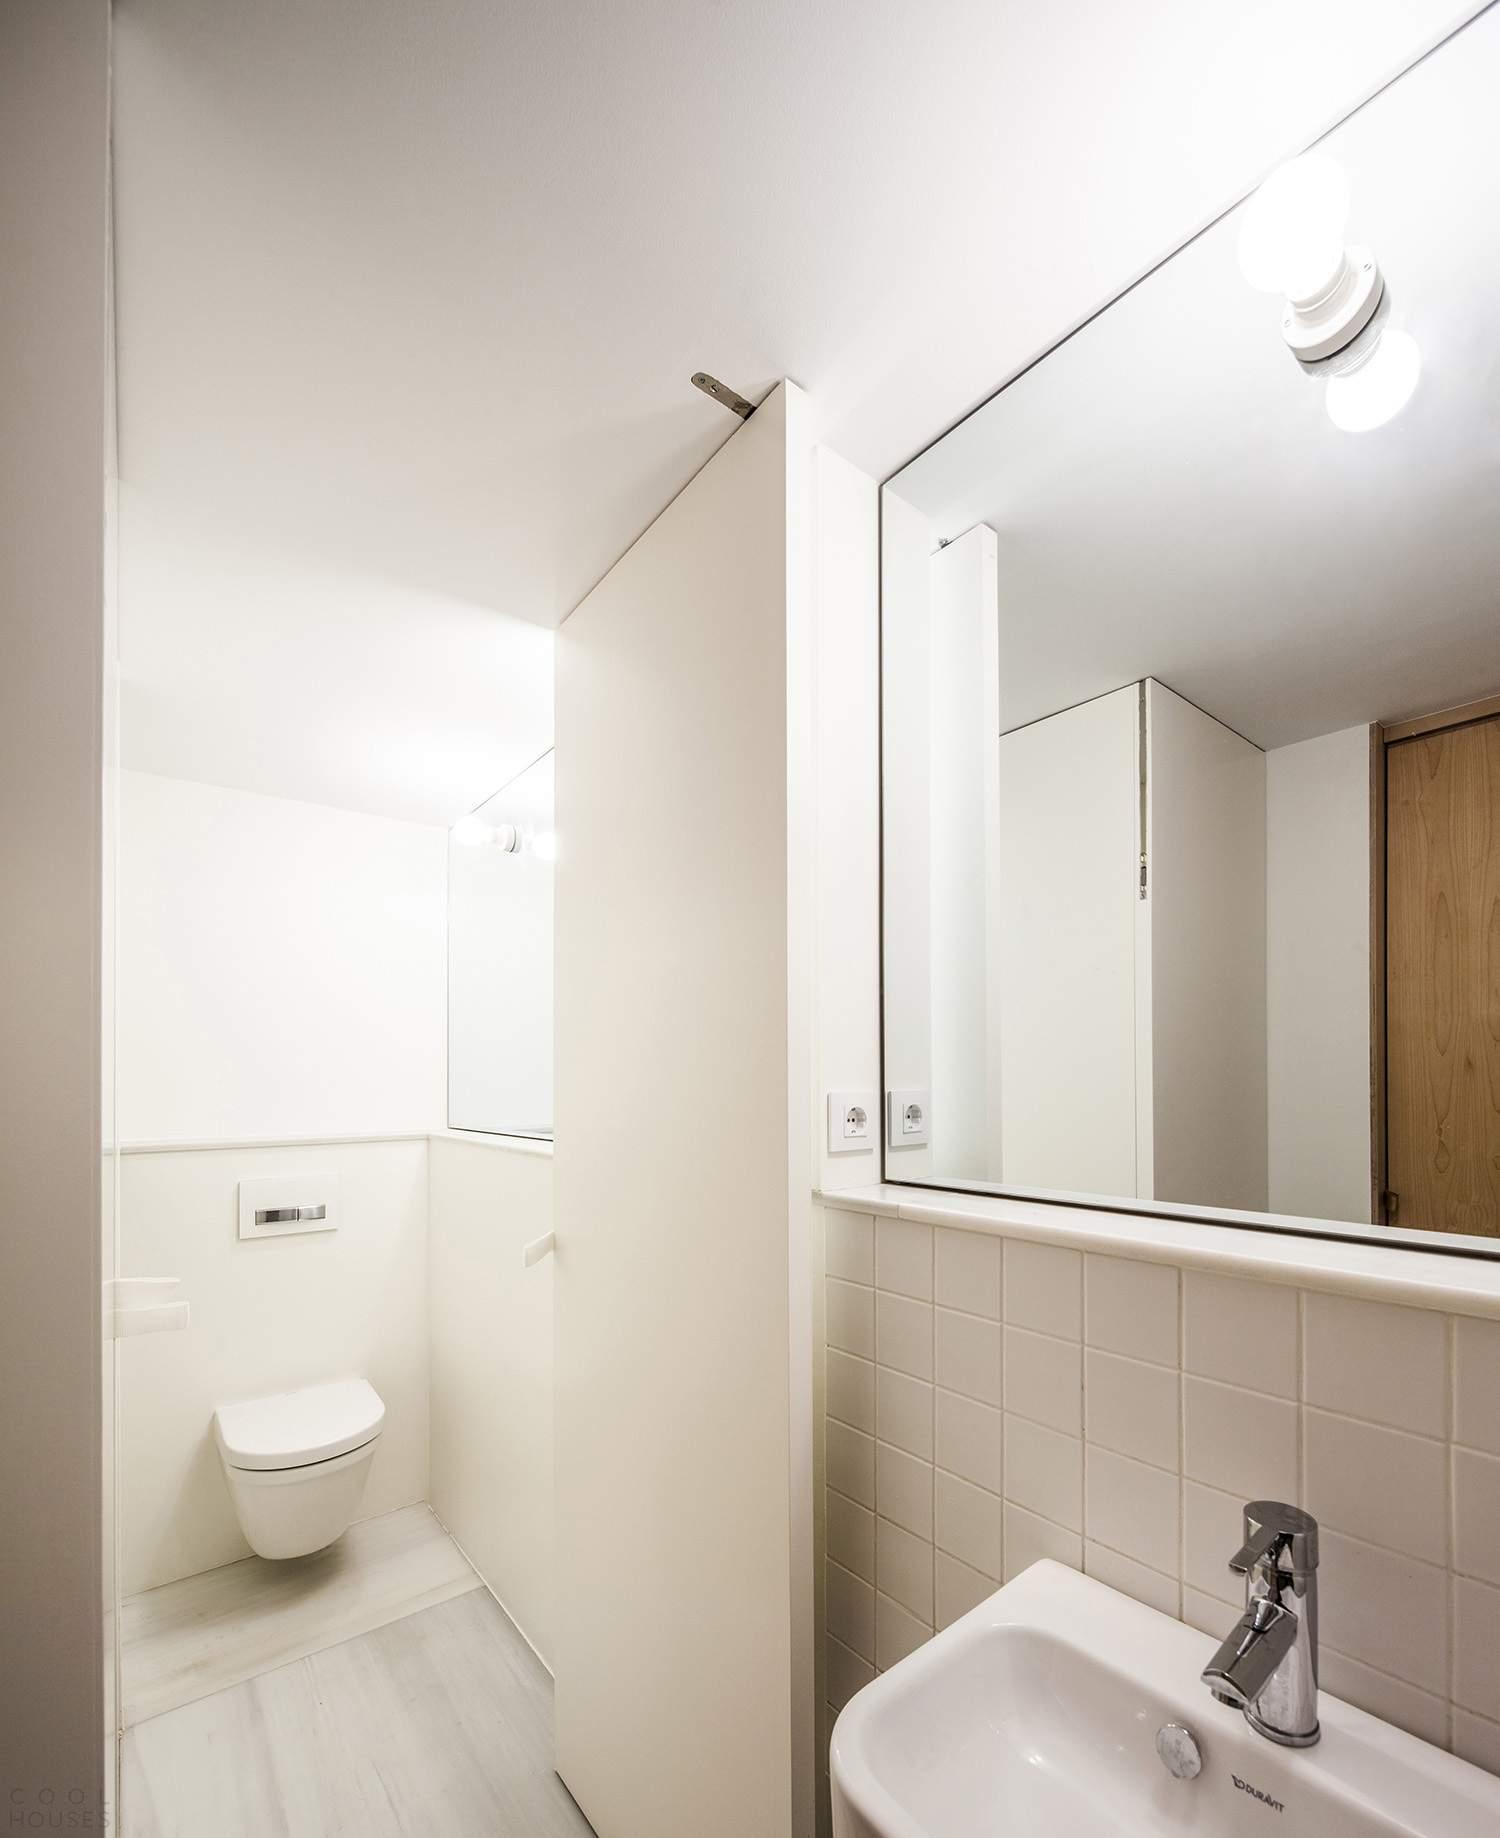 Апартаменты с универсальным интерьером, Испания